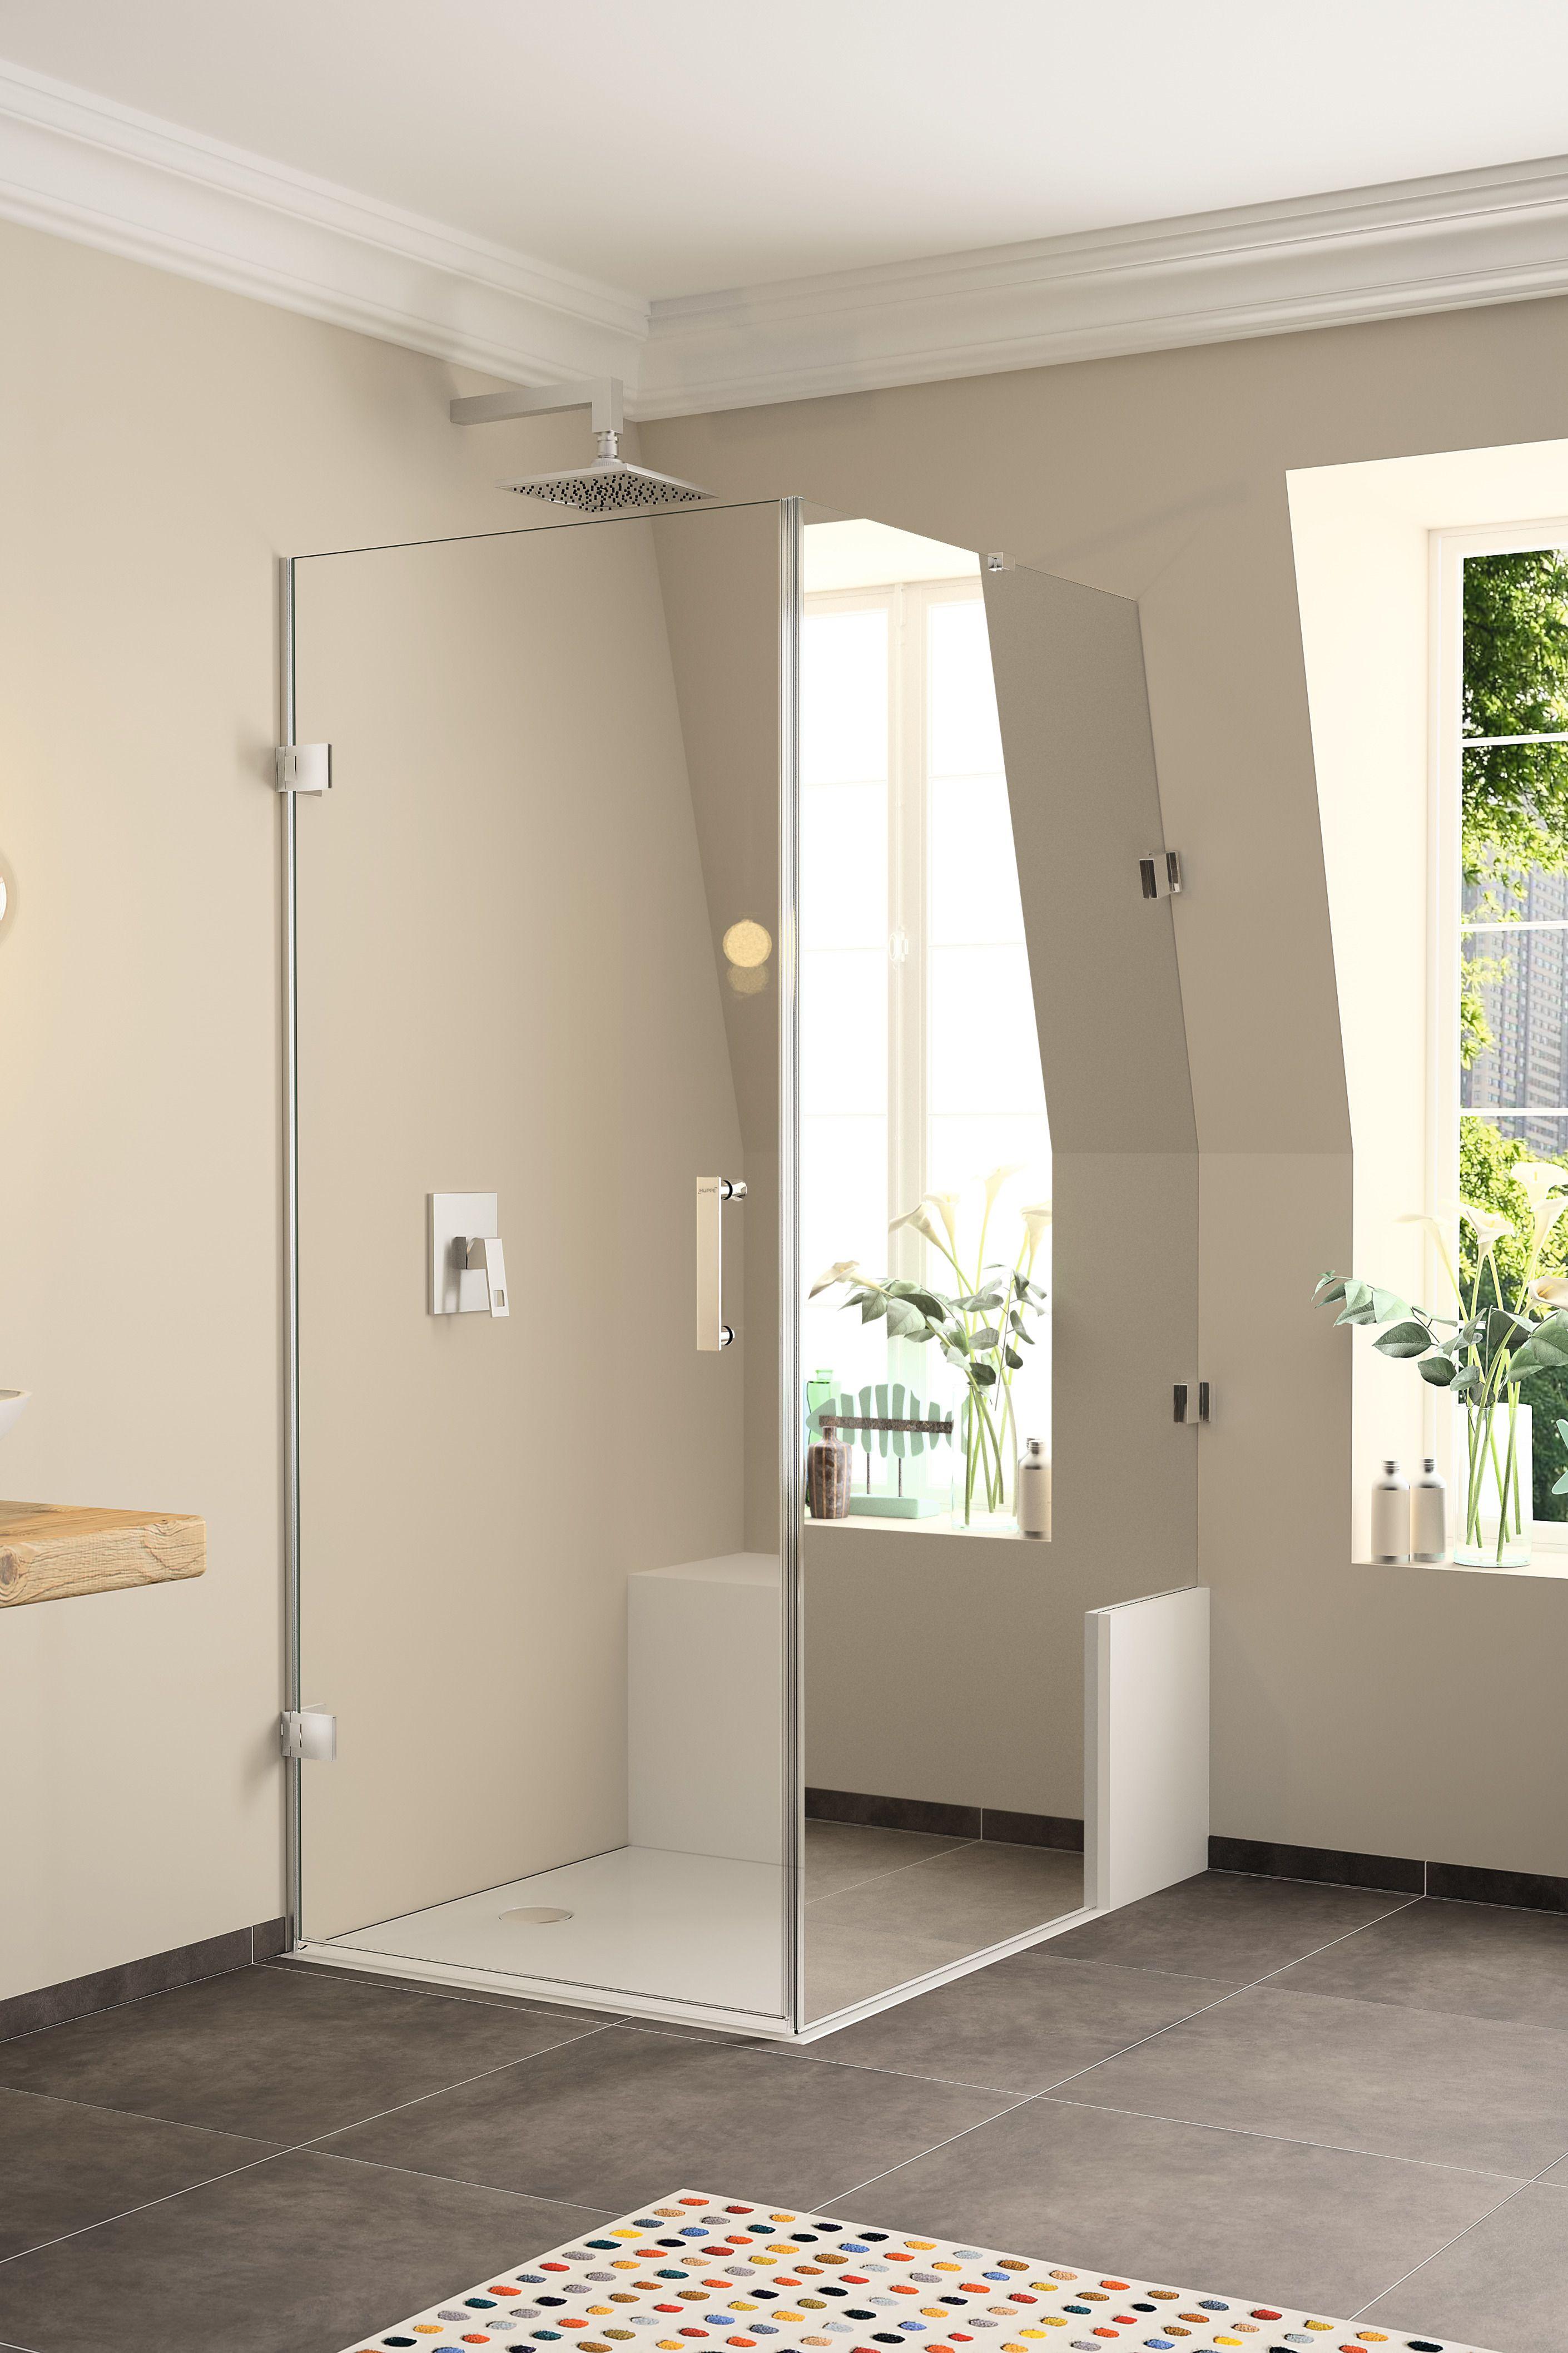 Schatzen Sie Schlichte Eleganz Kombiniert Mit Ausgefeilter Technik Und Funktionalitat In Ihrem Bad Dann Haben Wir Die Ideal Duschkabine Dusche Bad Inspiration